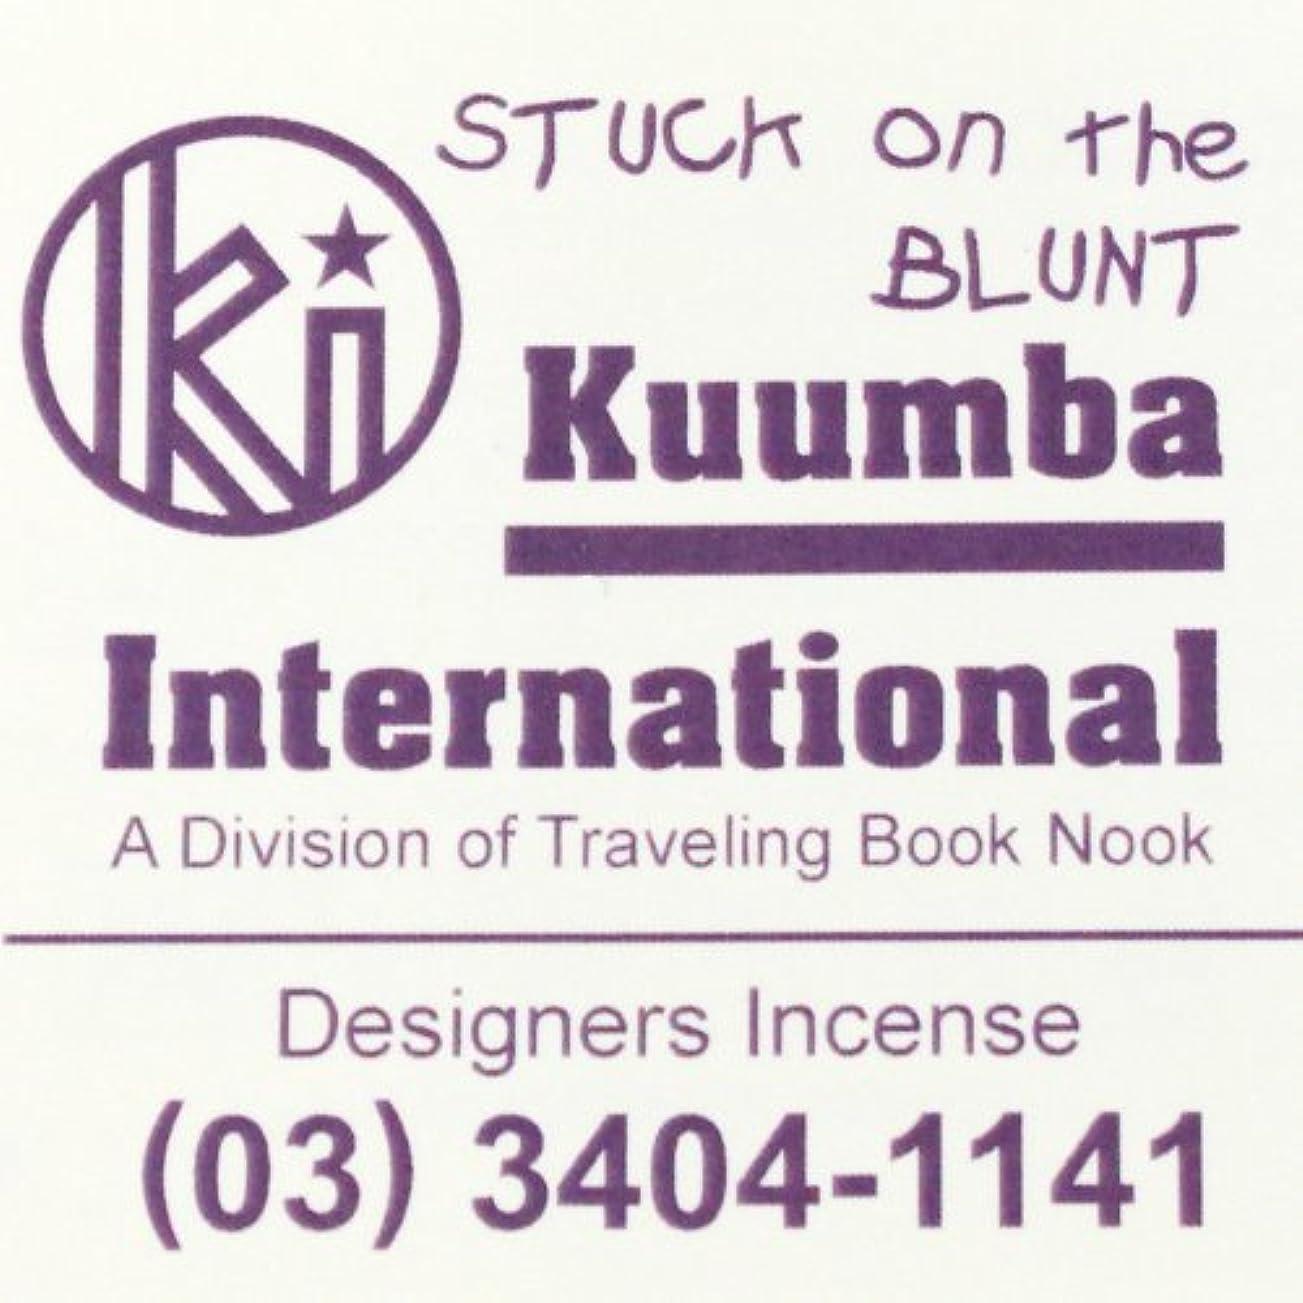 堤防インシュレータ仲良し(クンバ) KUUMBA『incense』(STUCK on the BLUNT) (Regular size)